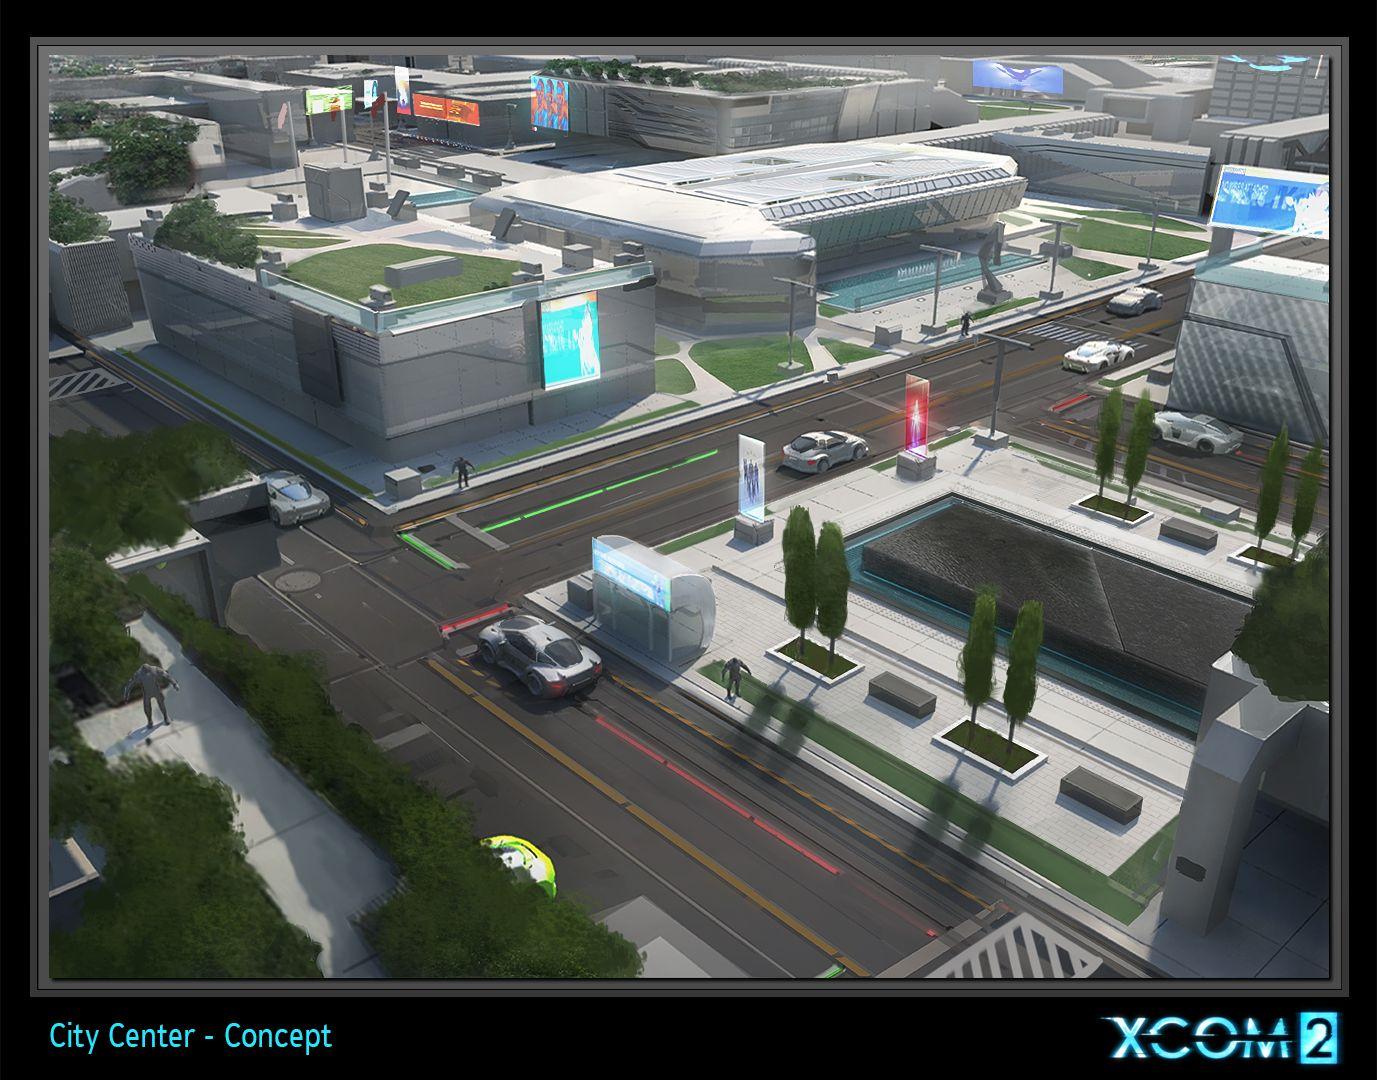 XCOM2-16media_City_Center.jpg